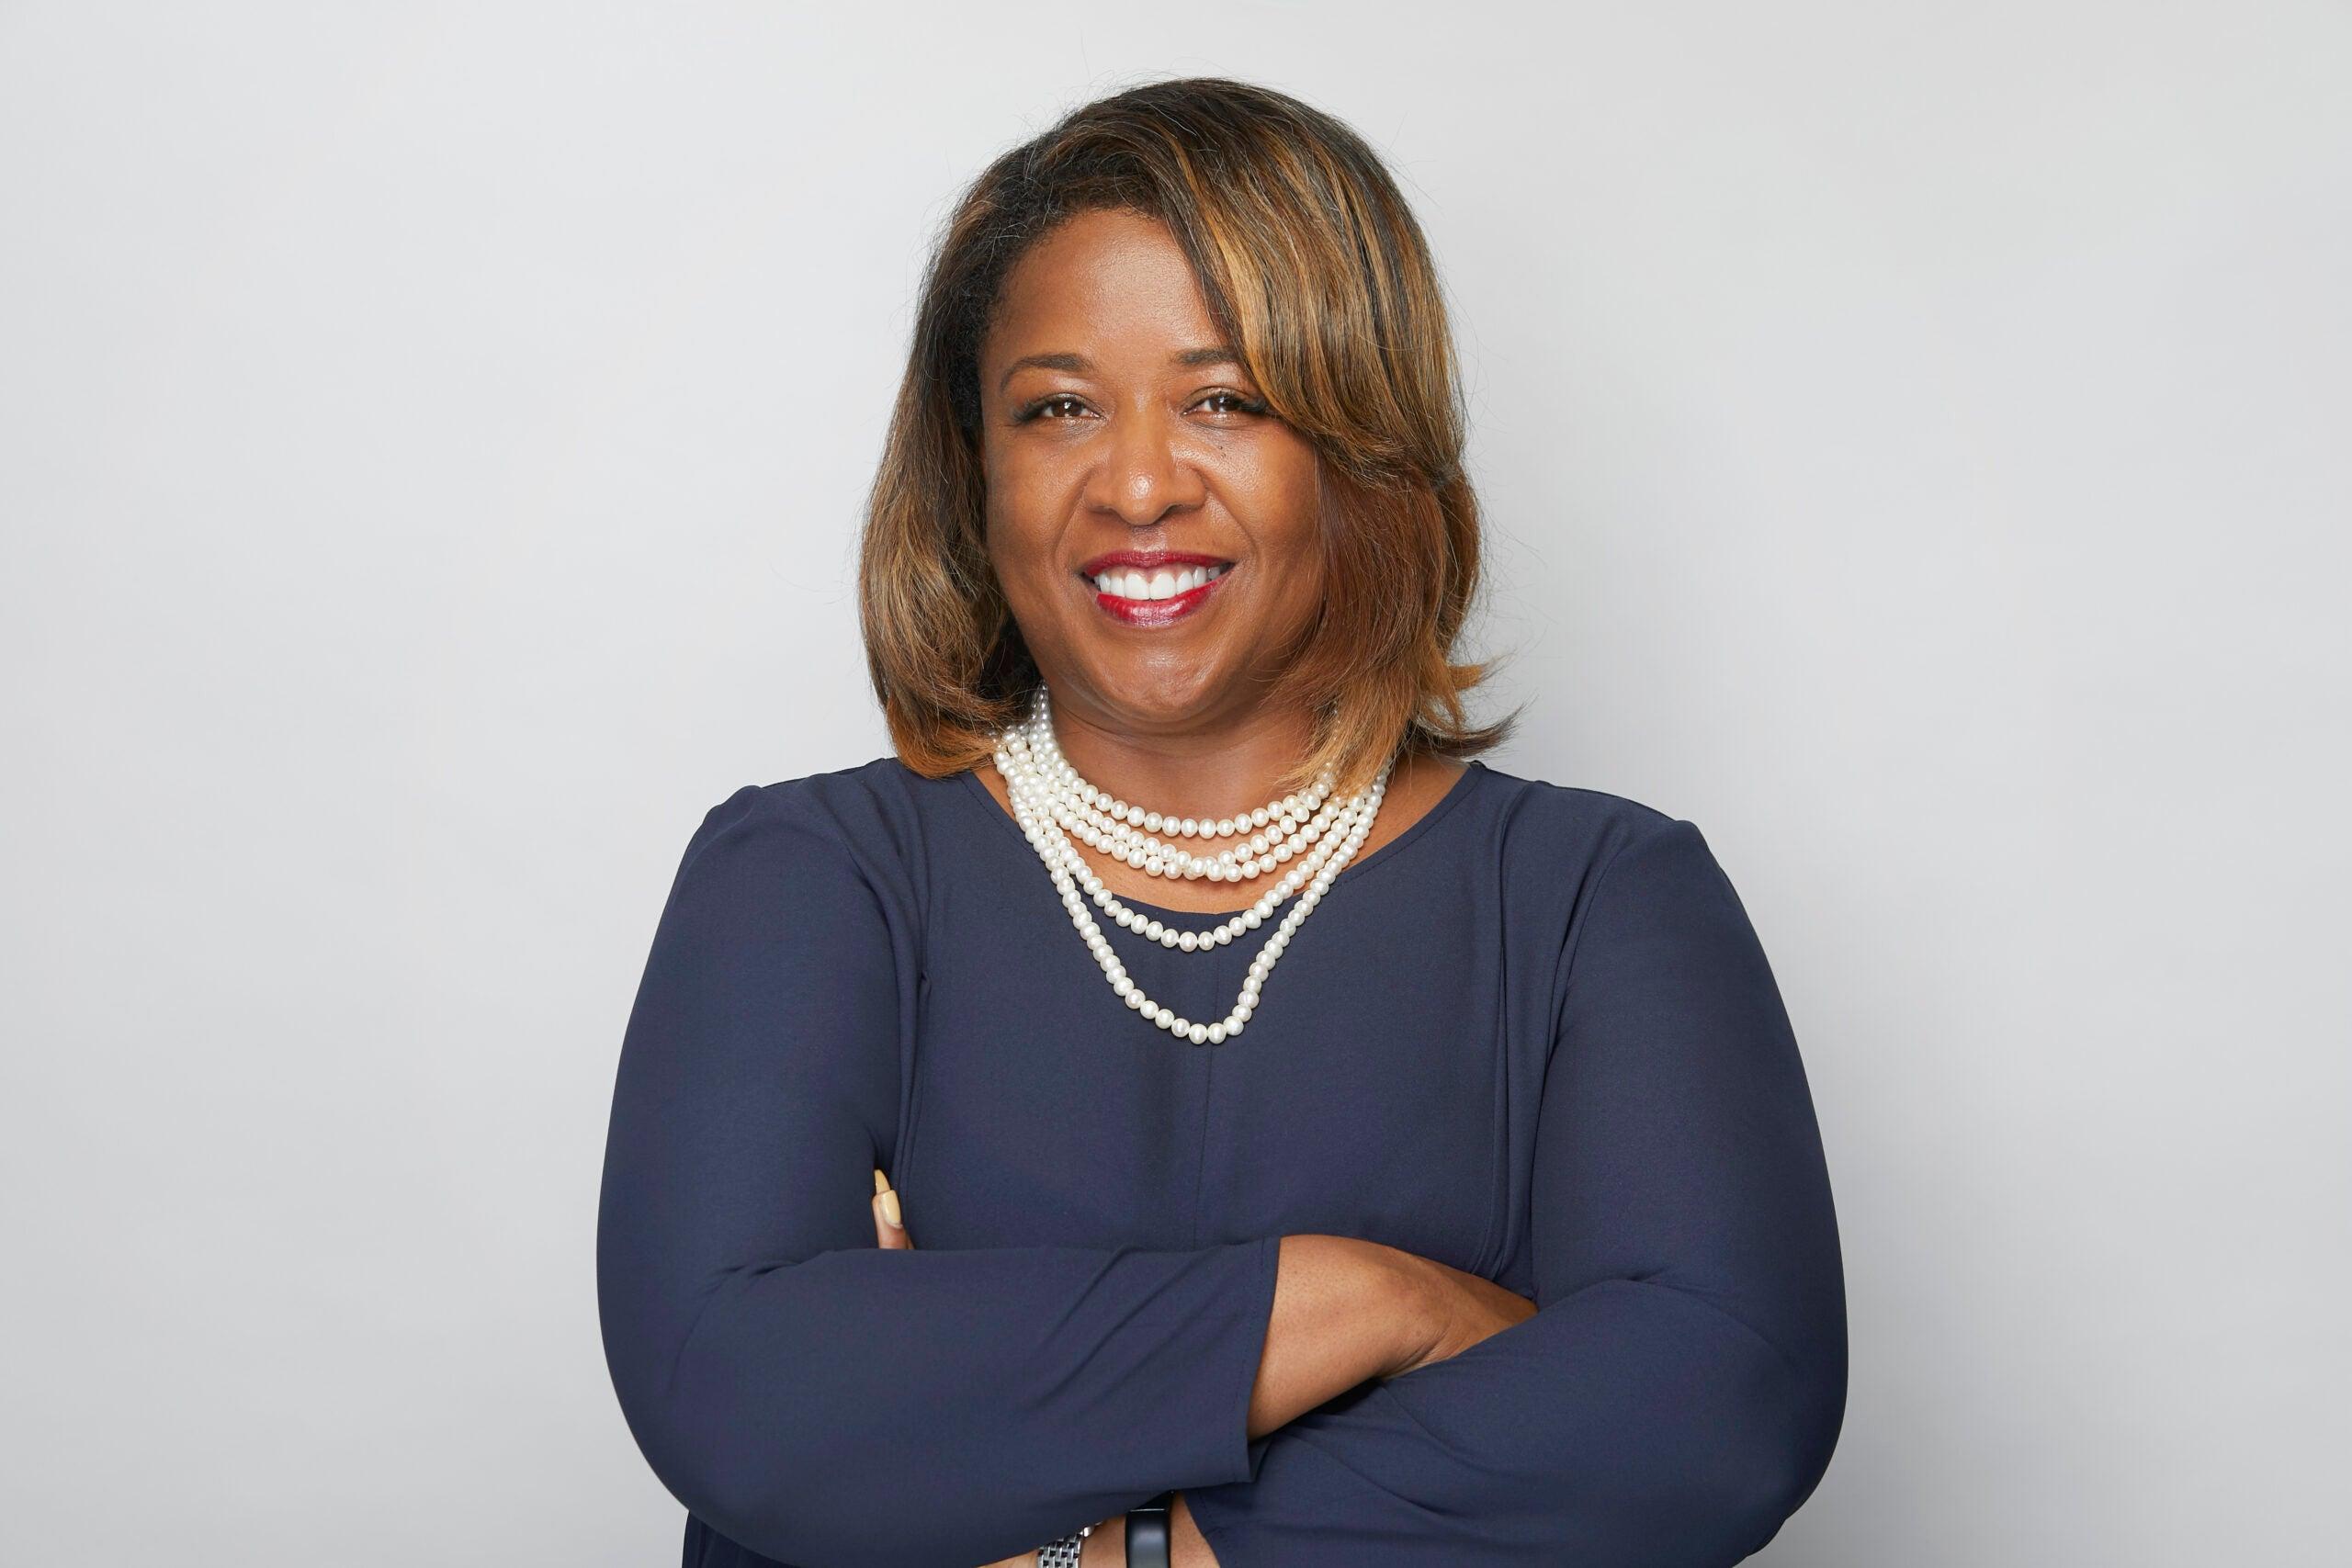 Marcia T. Clark